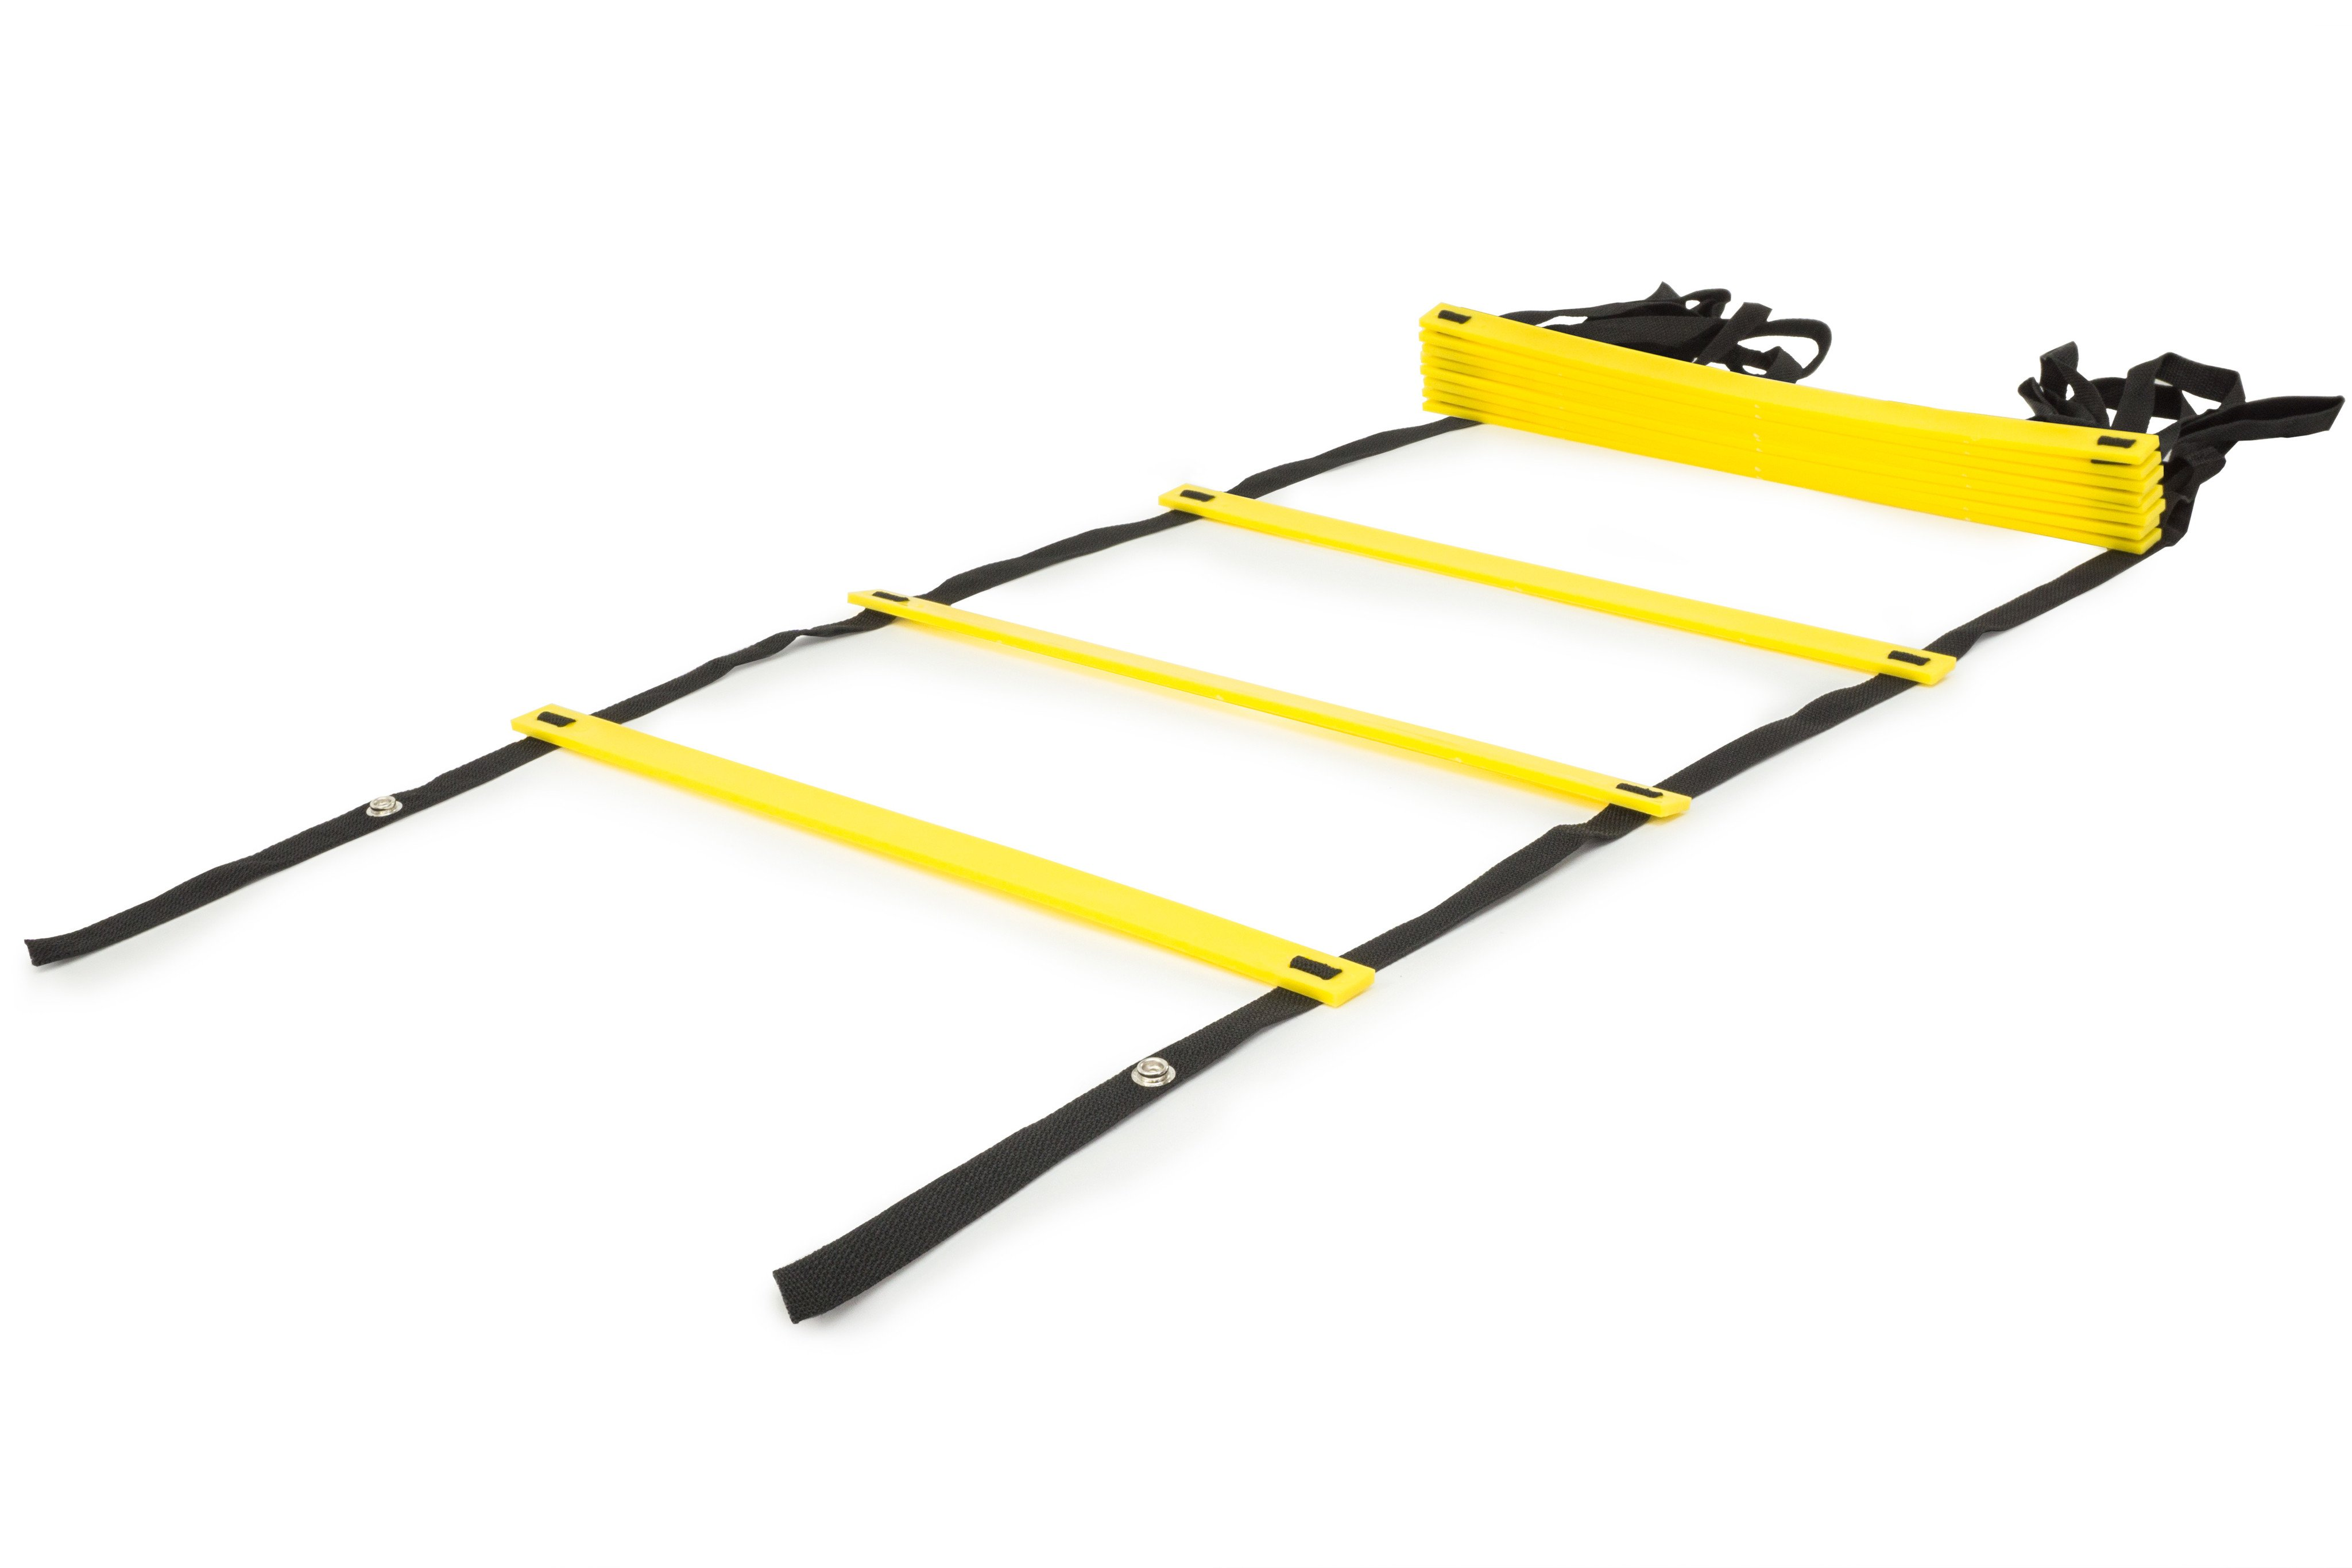 TRX / Функциональный тренинг / Кроссфит: Скоростная лестница Prosource Speed Agility Ladder